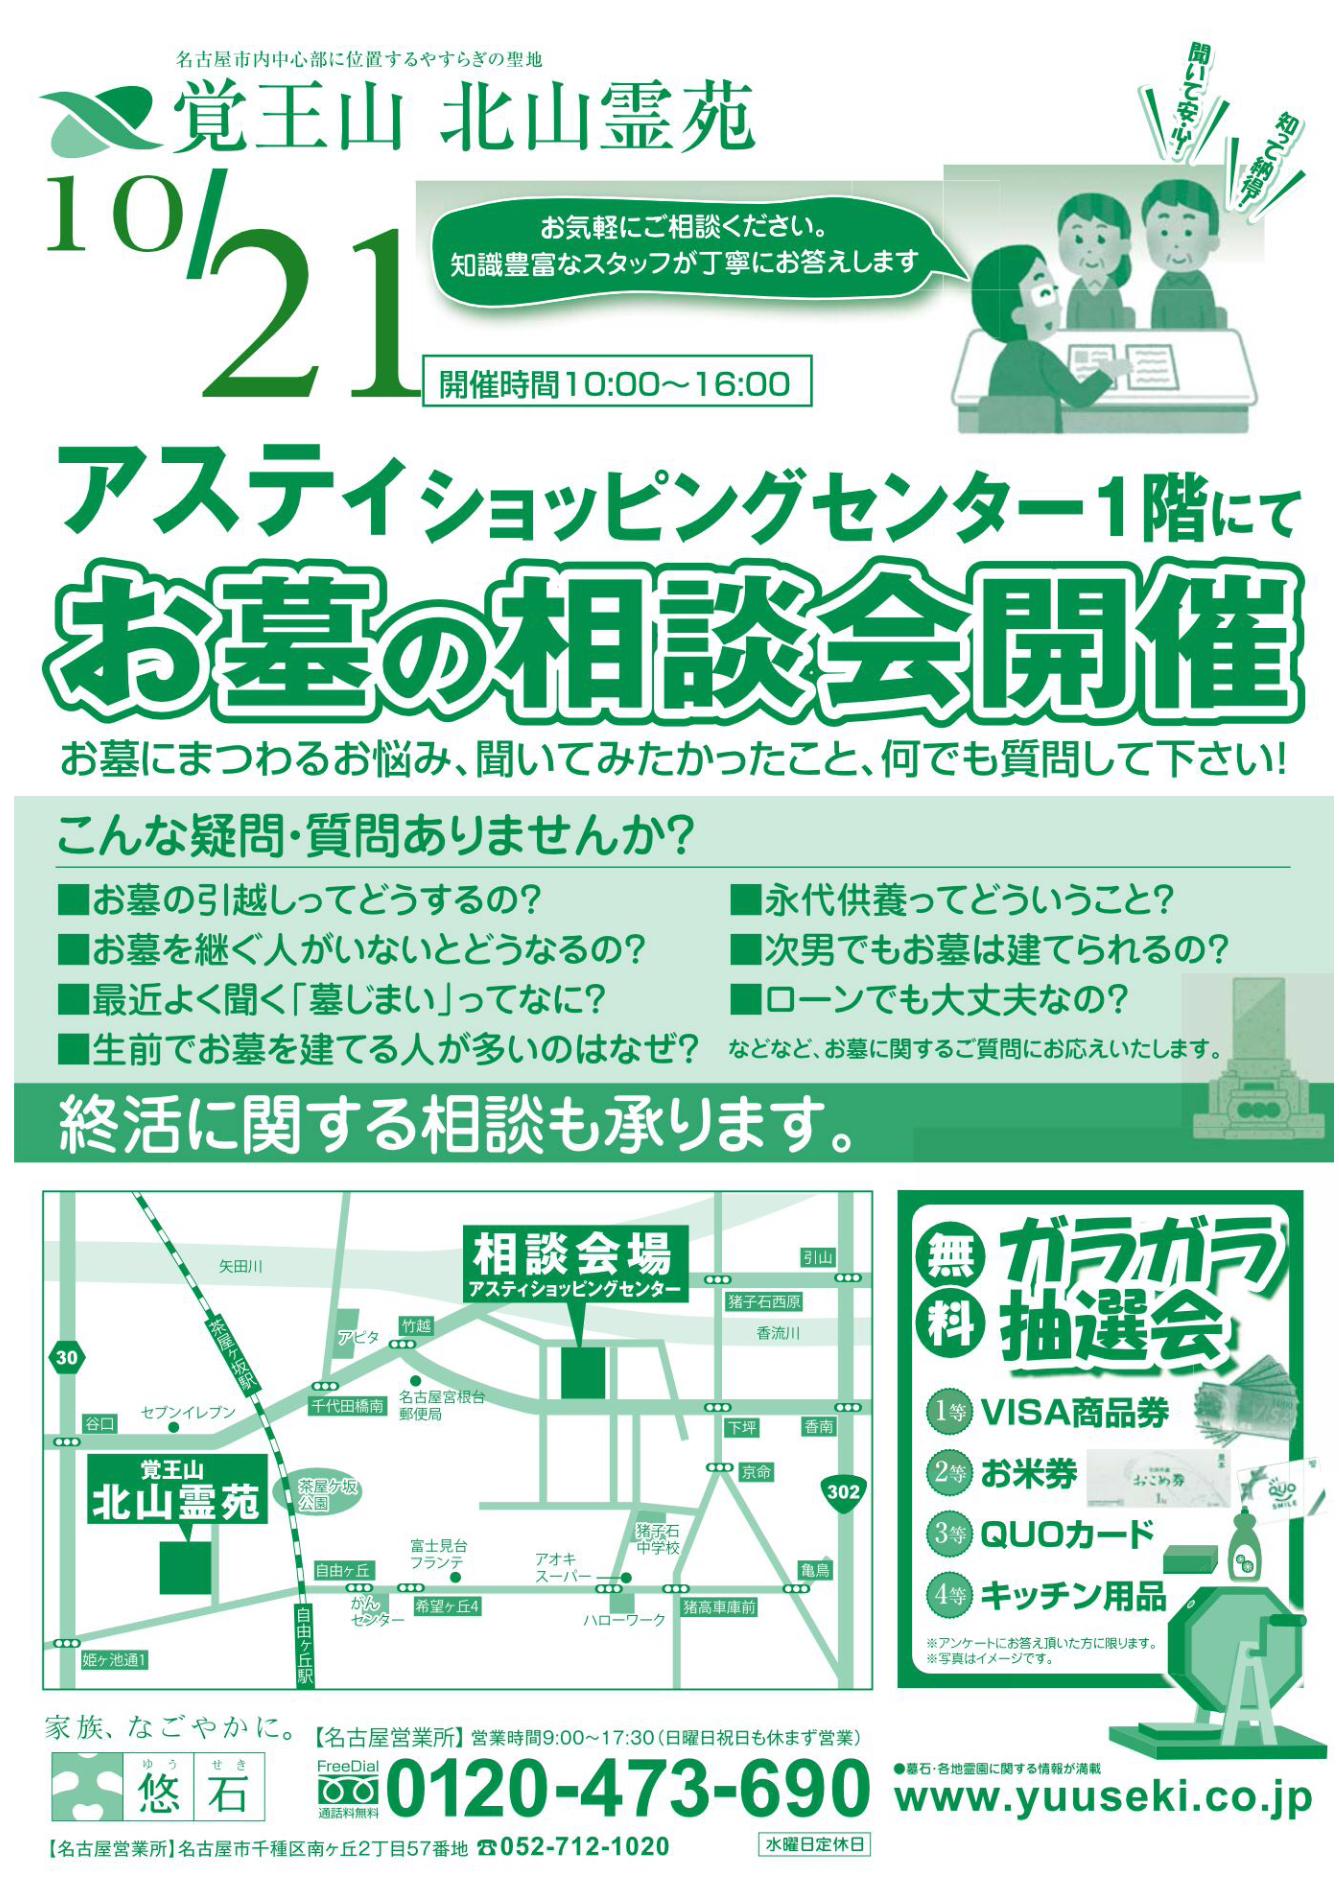 10/21 出張相談会開催